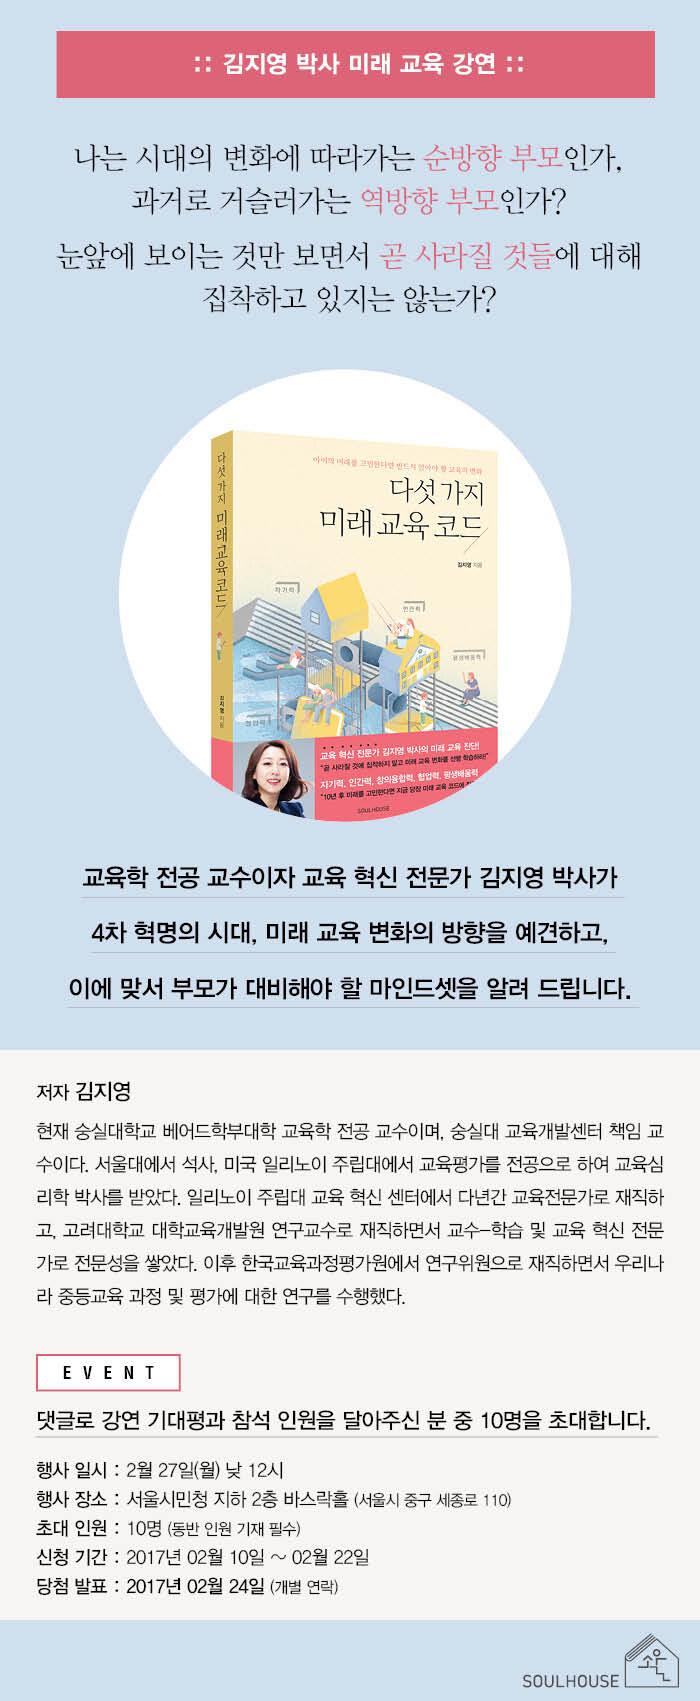 <다섯 가지 미래 교육 코드> 김지영 박사 강연